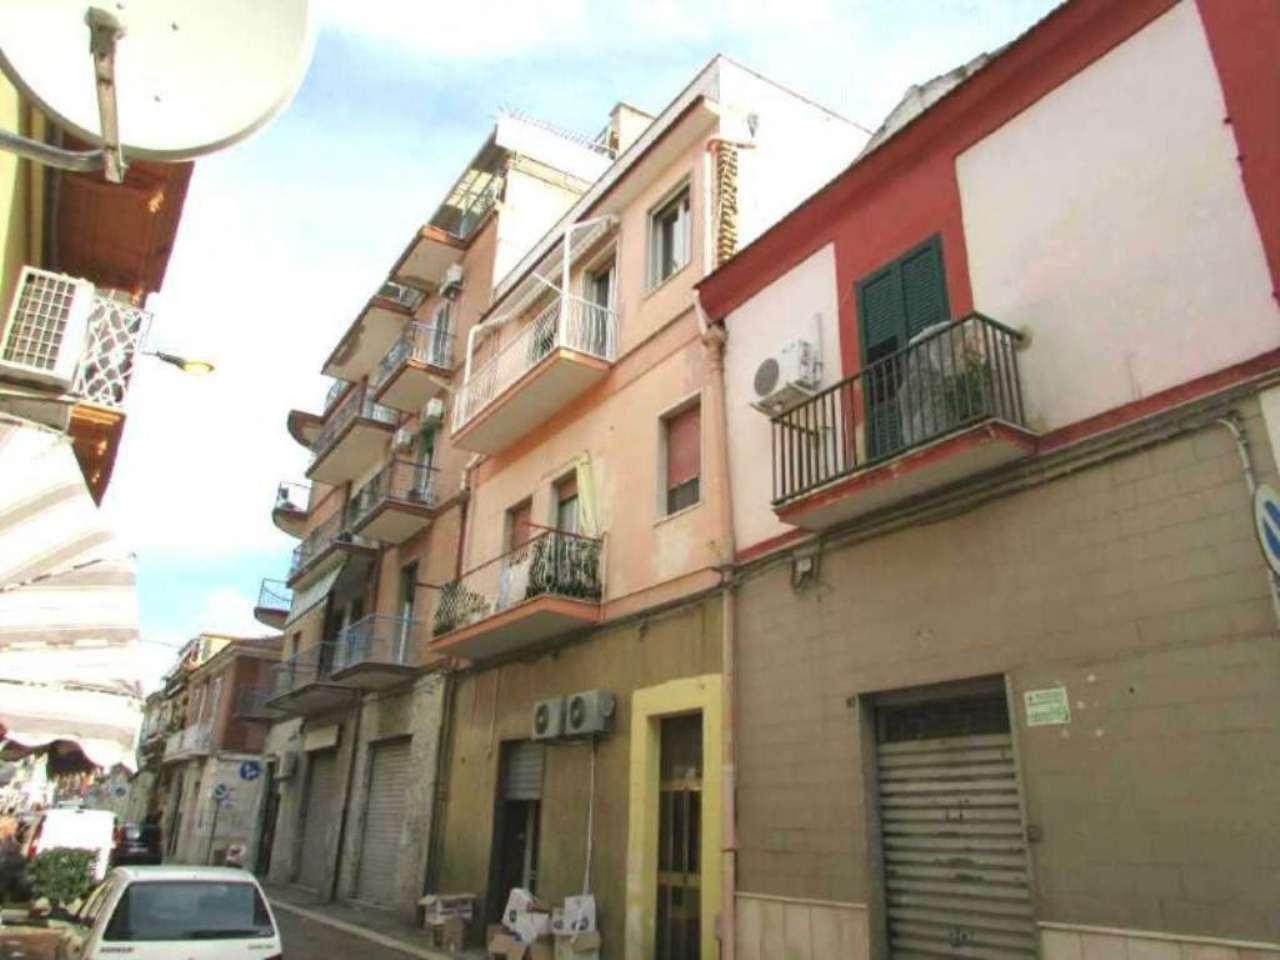 Appartamento in vendita a Foggia, 3 locali, prezzo € 70.000 | CambioCasa.it